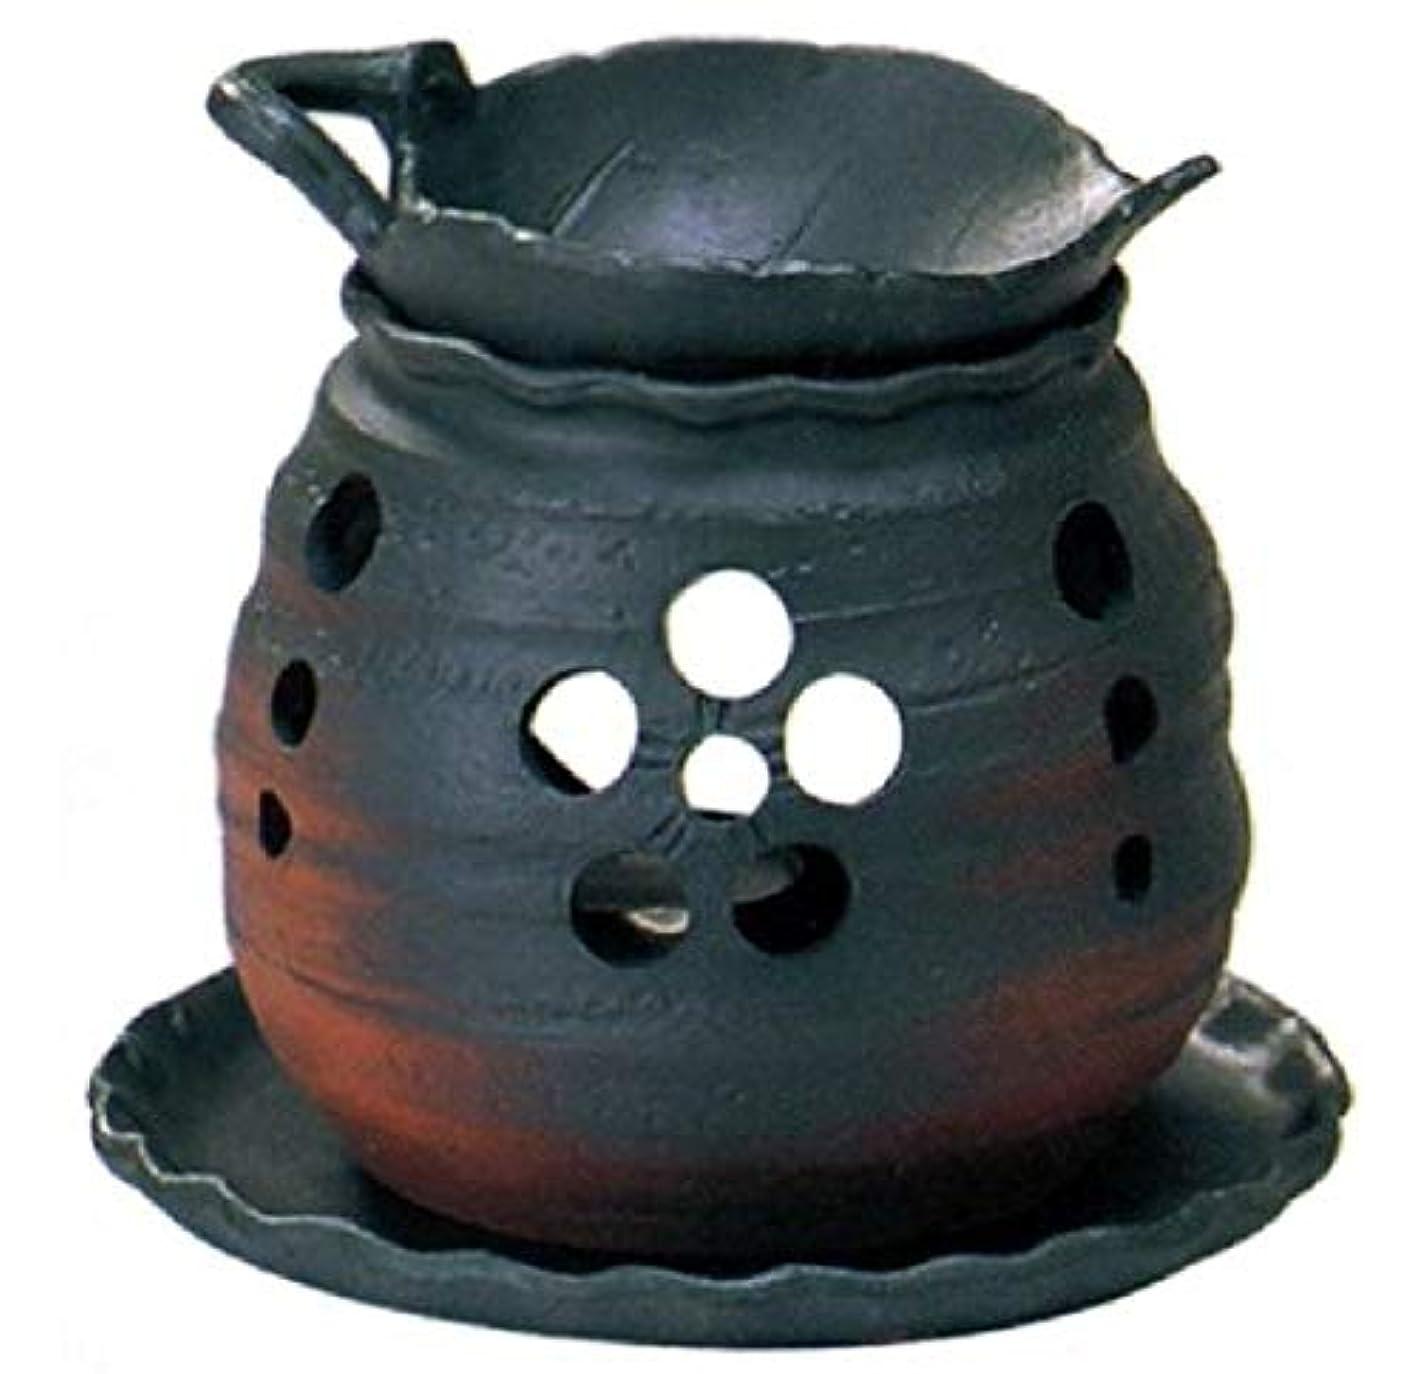 ファン裁判所ペダル常滑焼 創器 ゆとり 茶香炉 径:13.2cm 高さ:11.5cm 木の葉の皿付 サ39-10